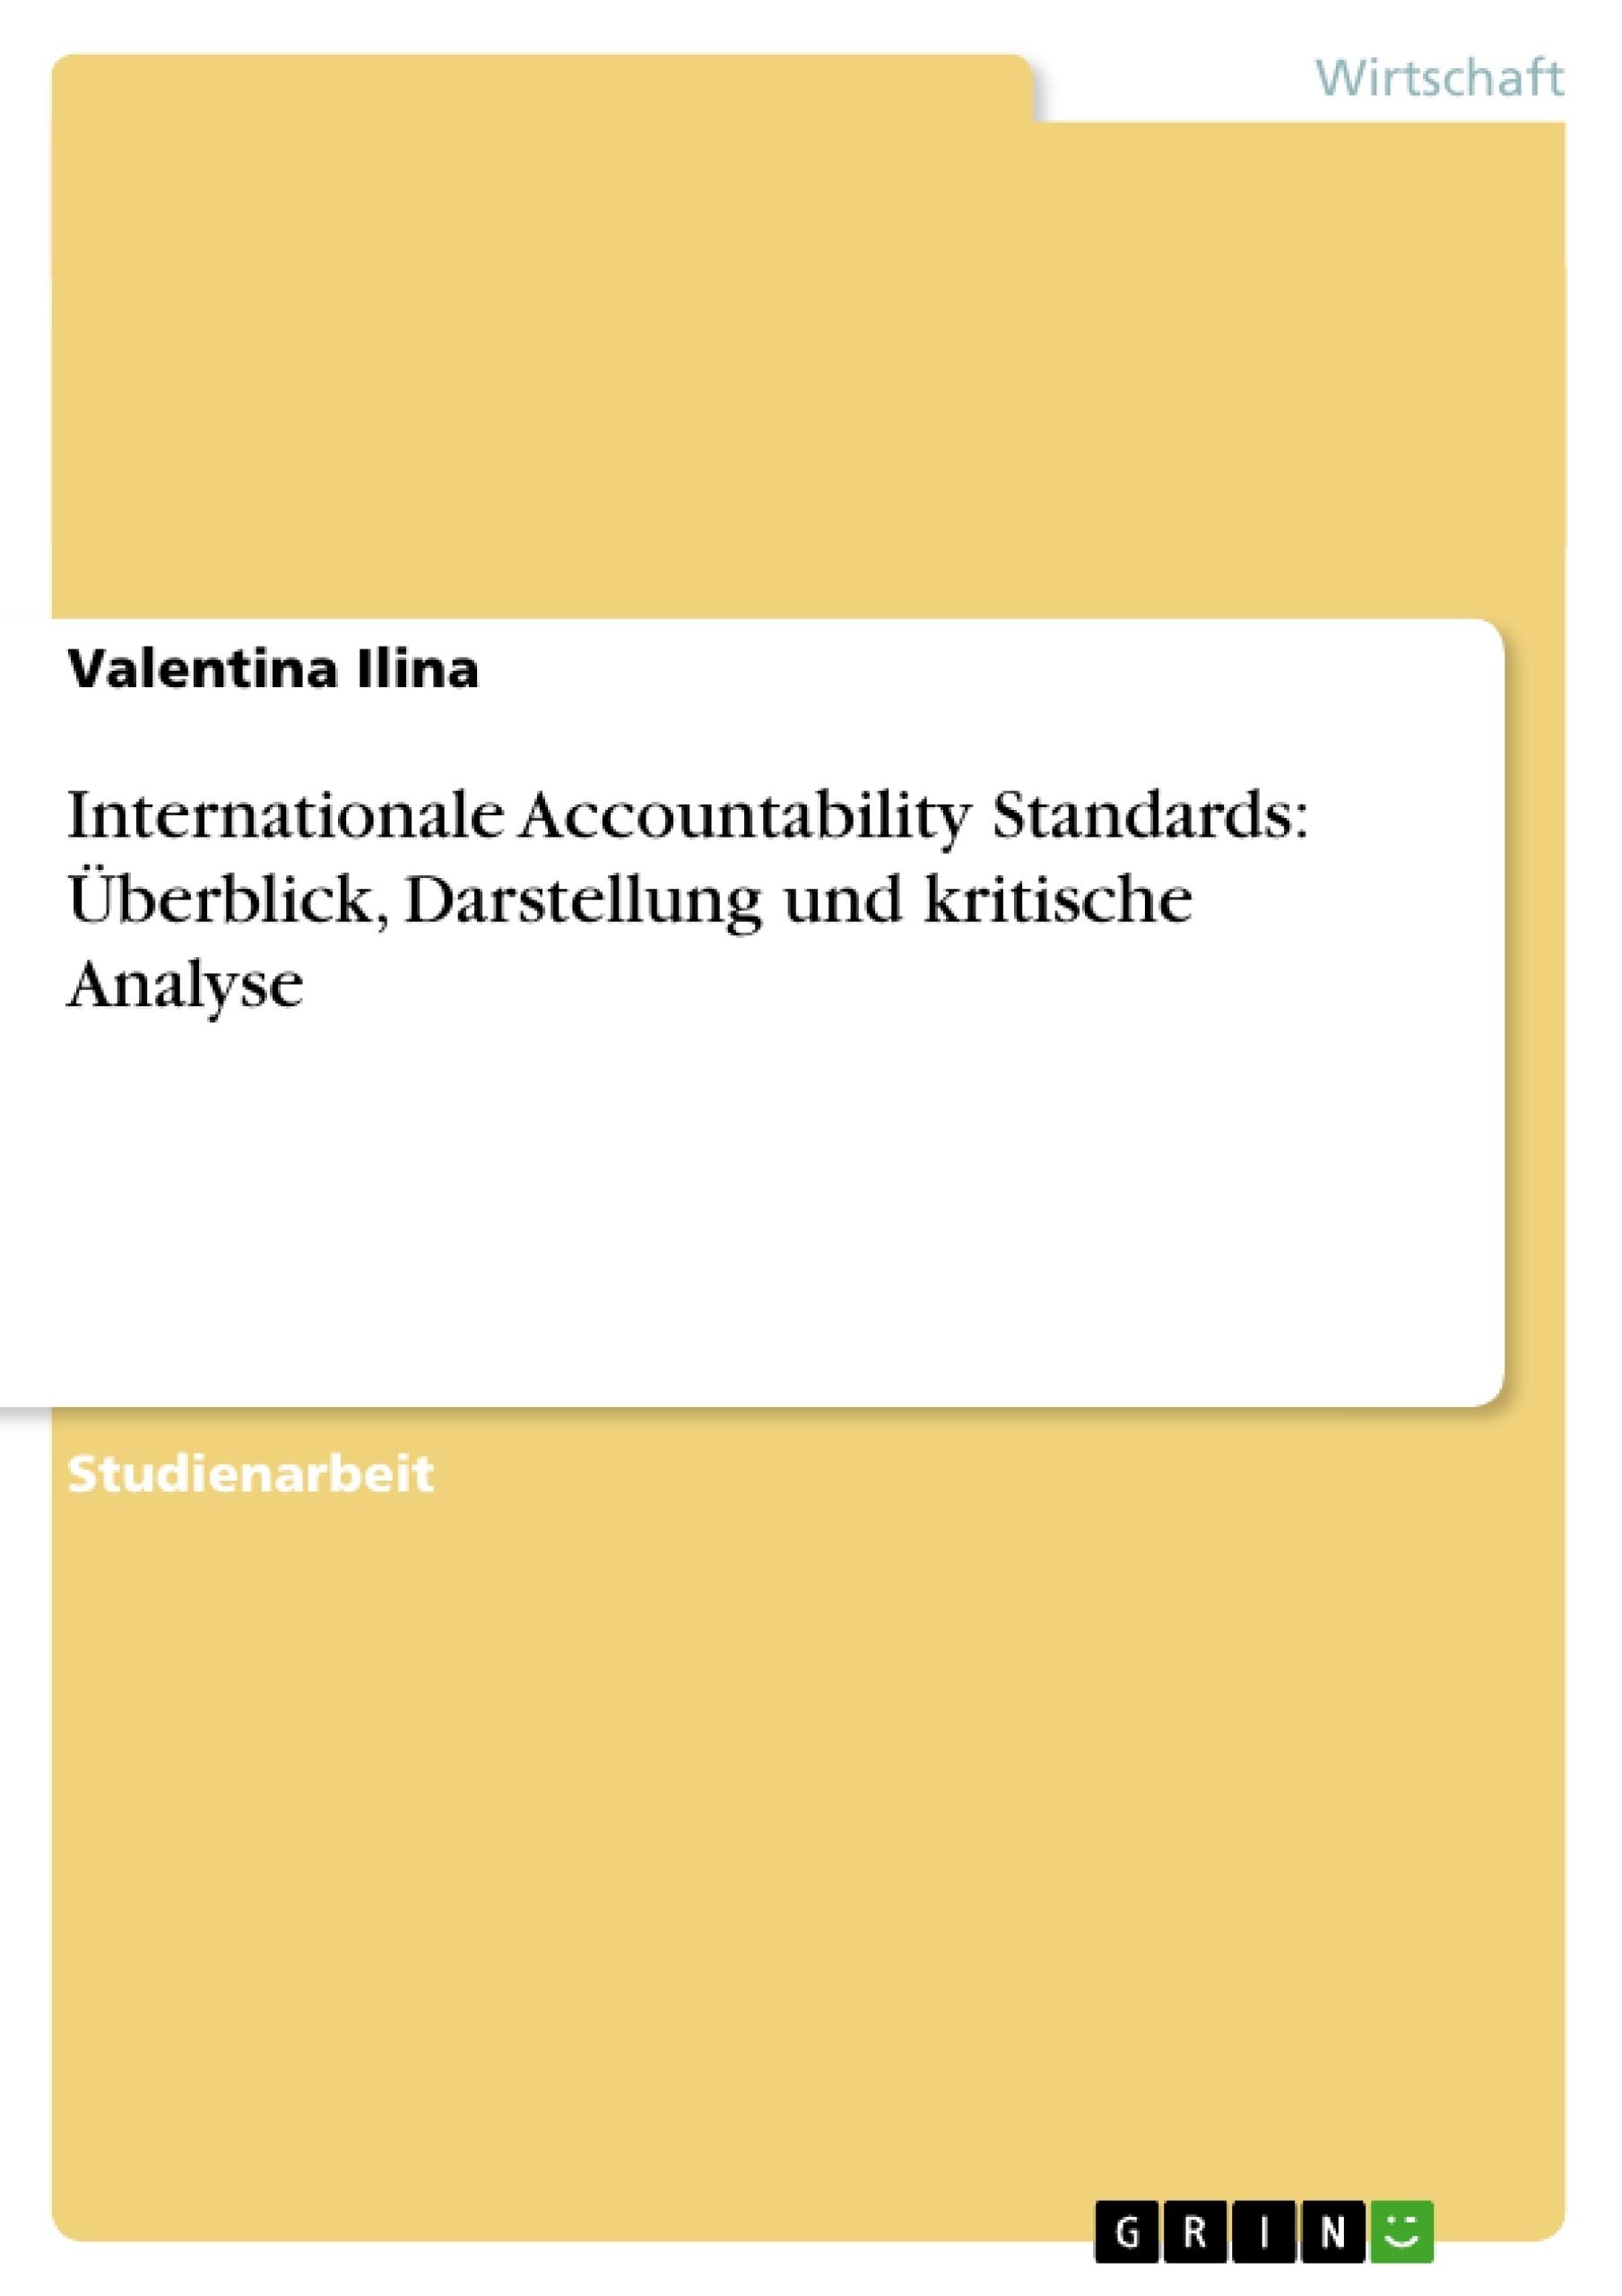 Titel: Internationale Accountability Standards: Überblick, Darstellung und kritische Analyse